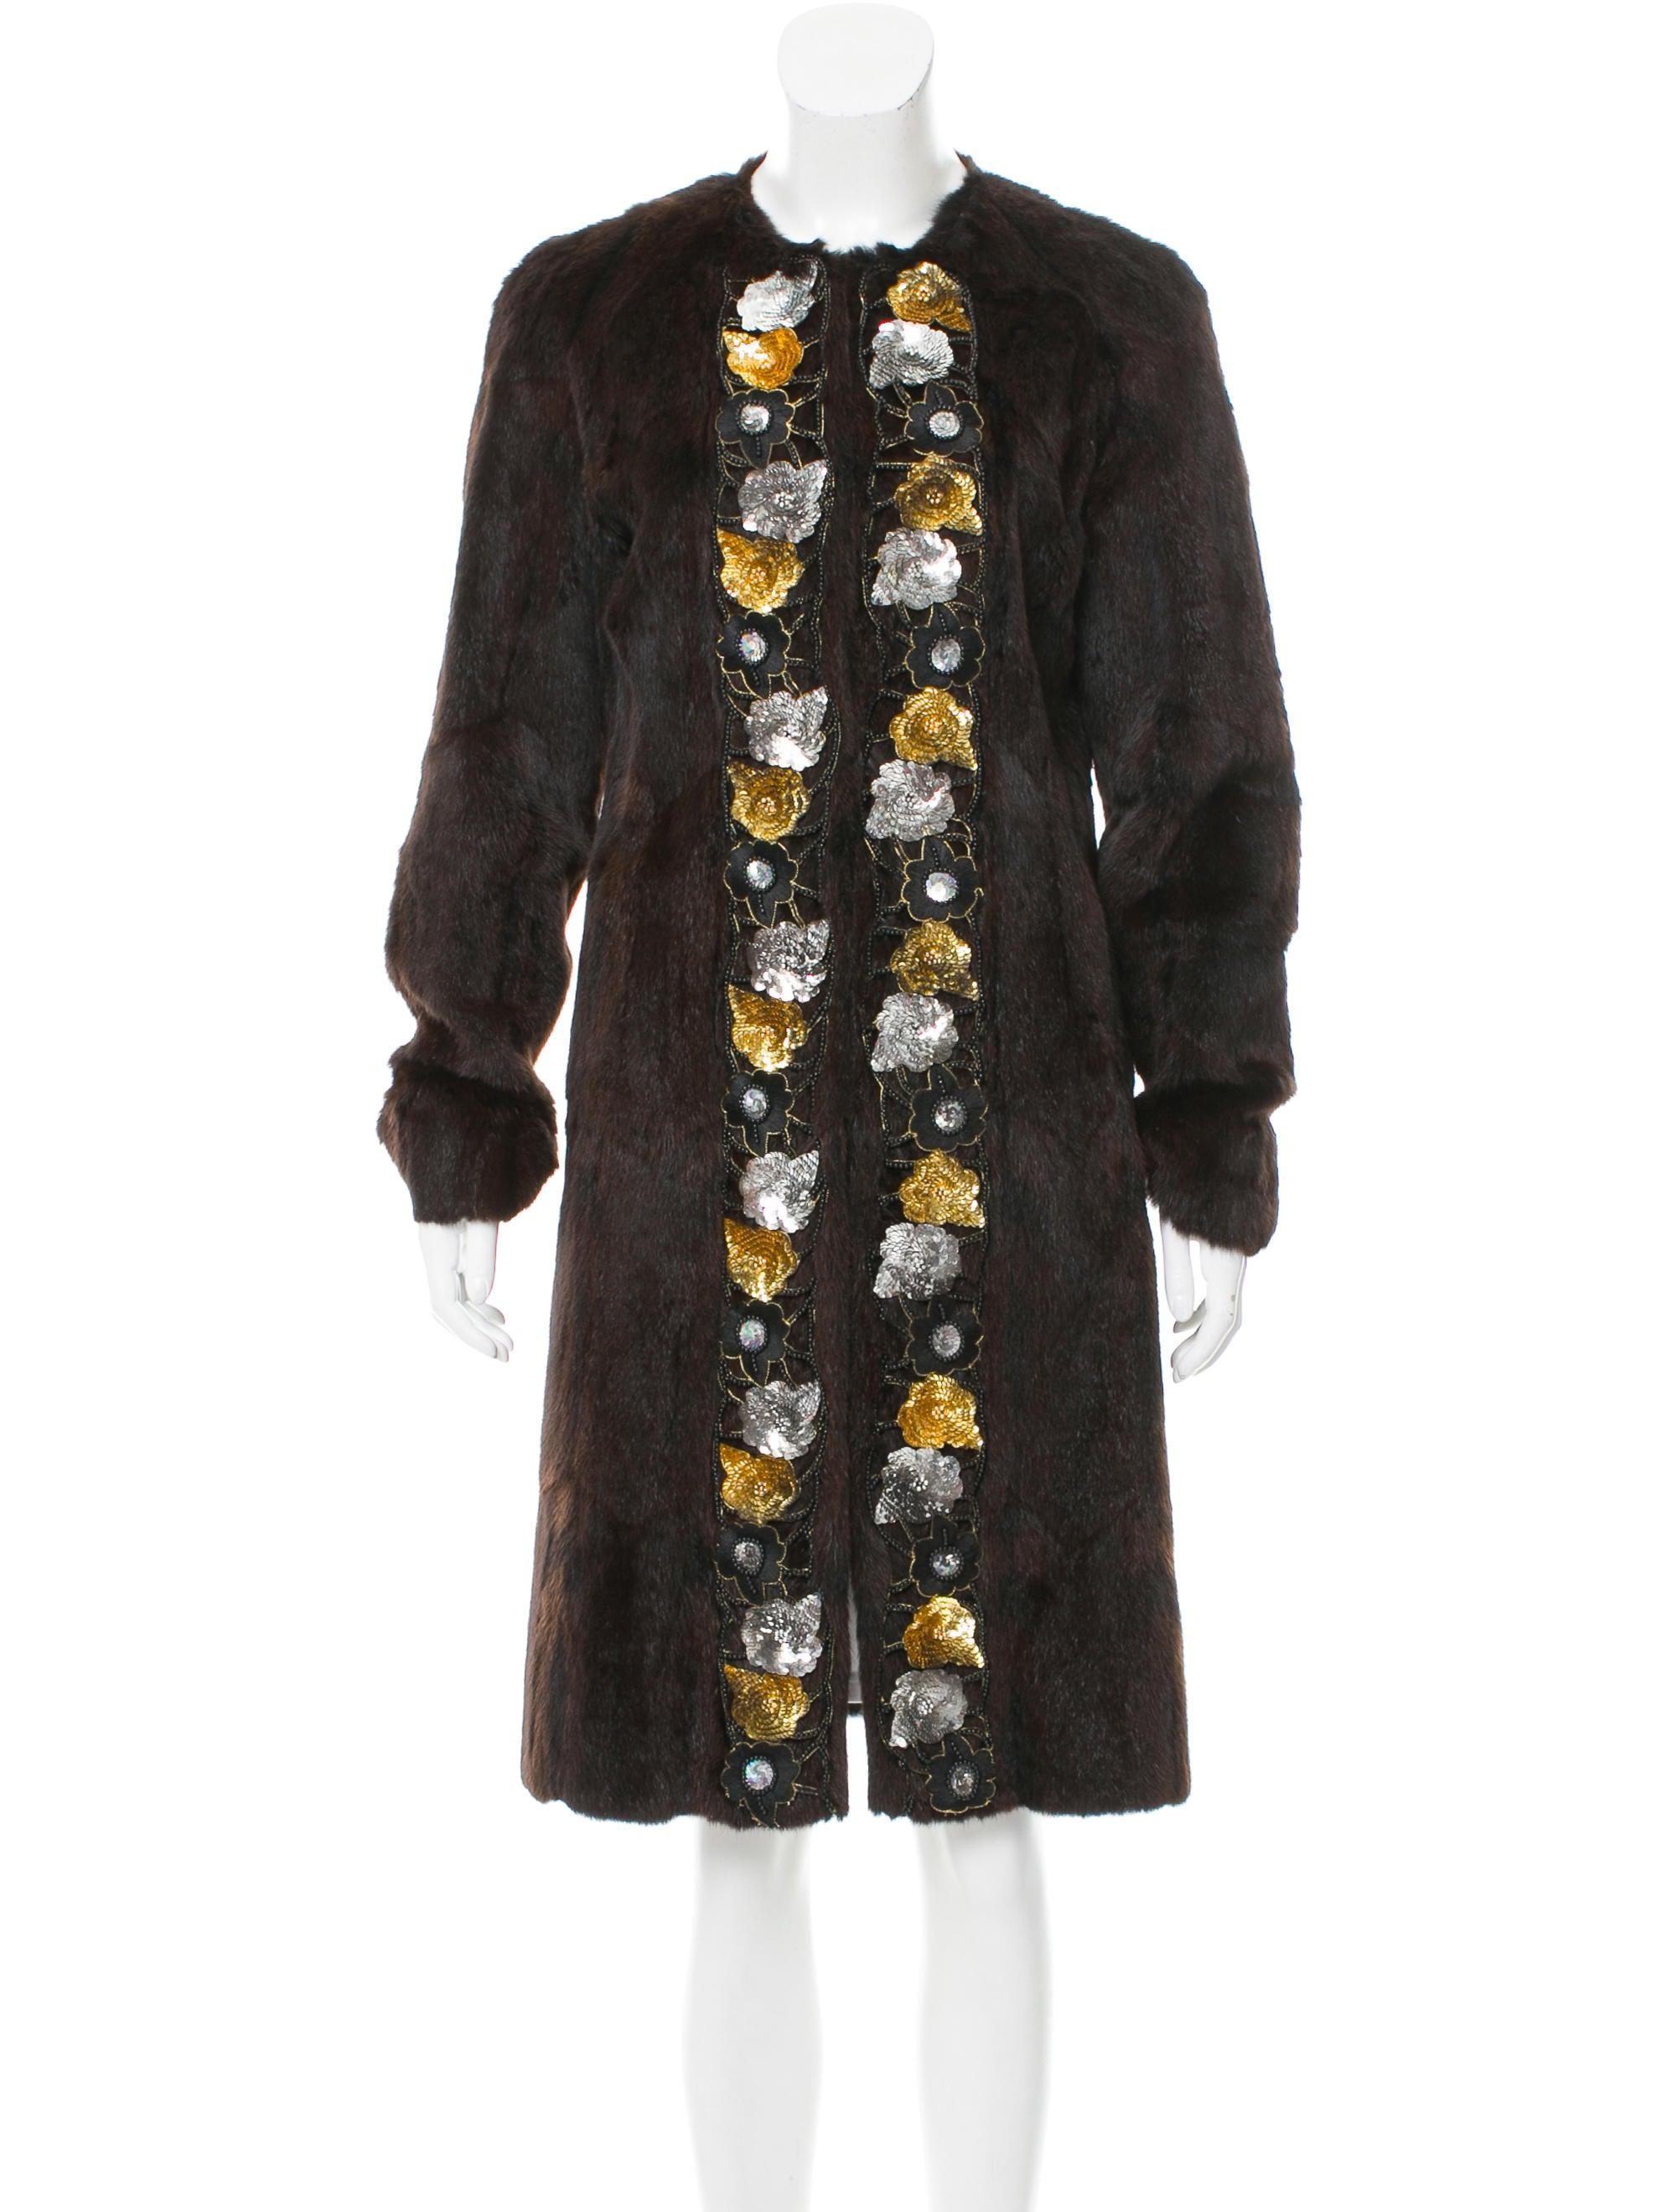 Miu Miu Sequin Accented Fur Coat Clothing Miu51642